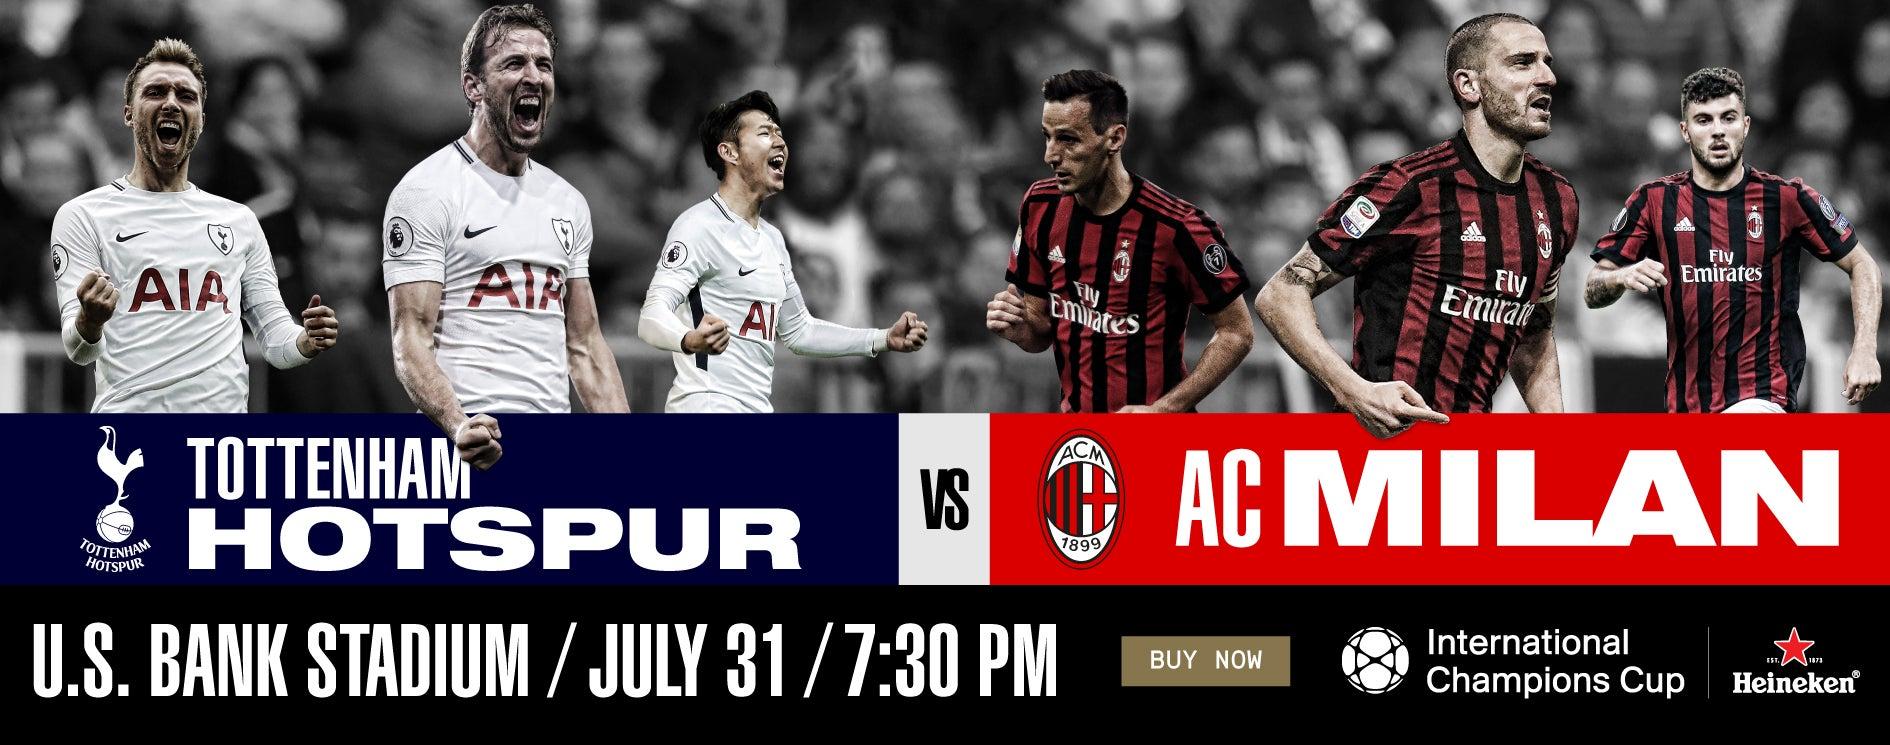 Tottenham Hotspur v Milan International_Champions_Cup 2018